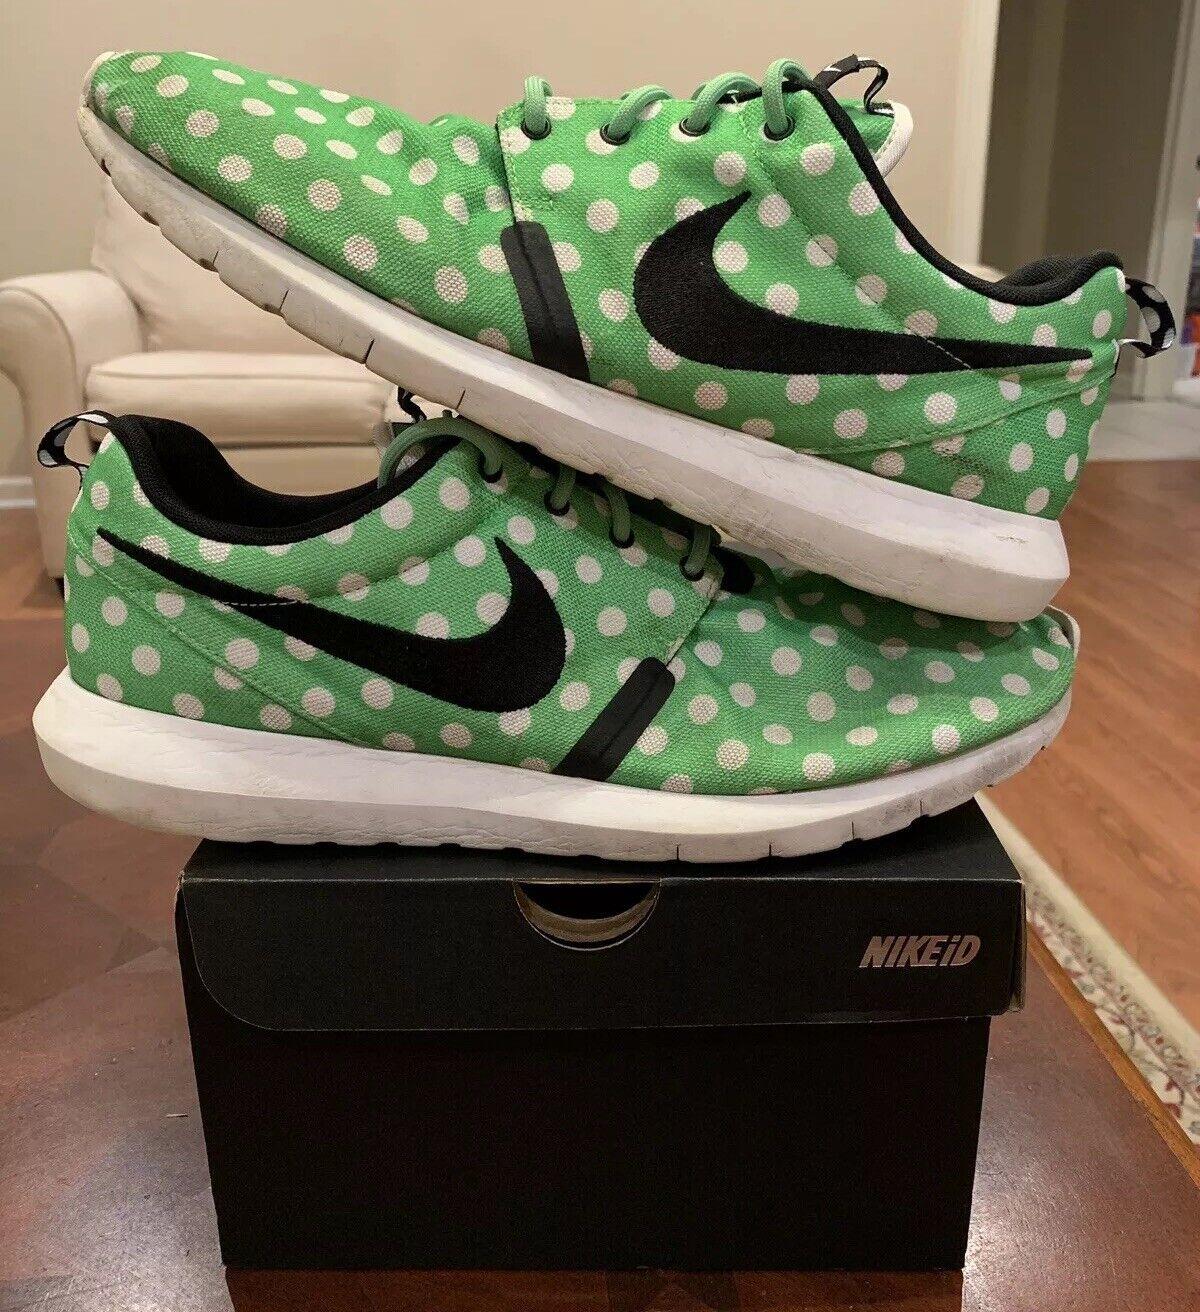 Nike Men's Roshe Polka Dot Green 13 Run MN QS 810857-300 White Streak City Pack